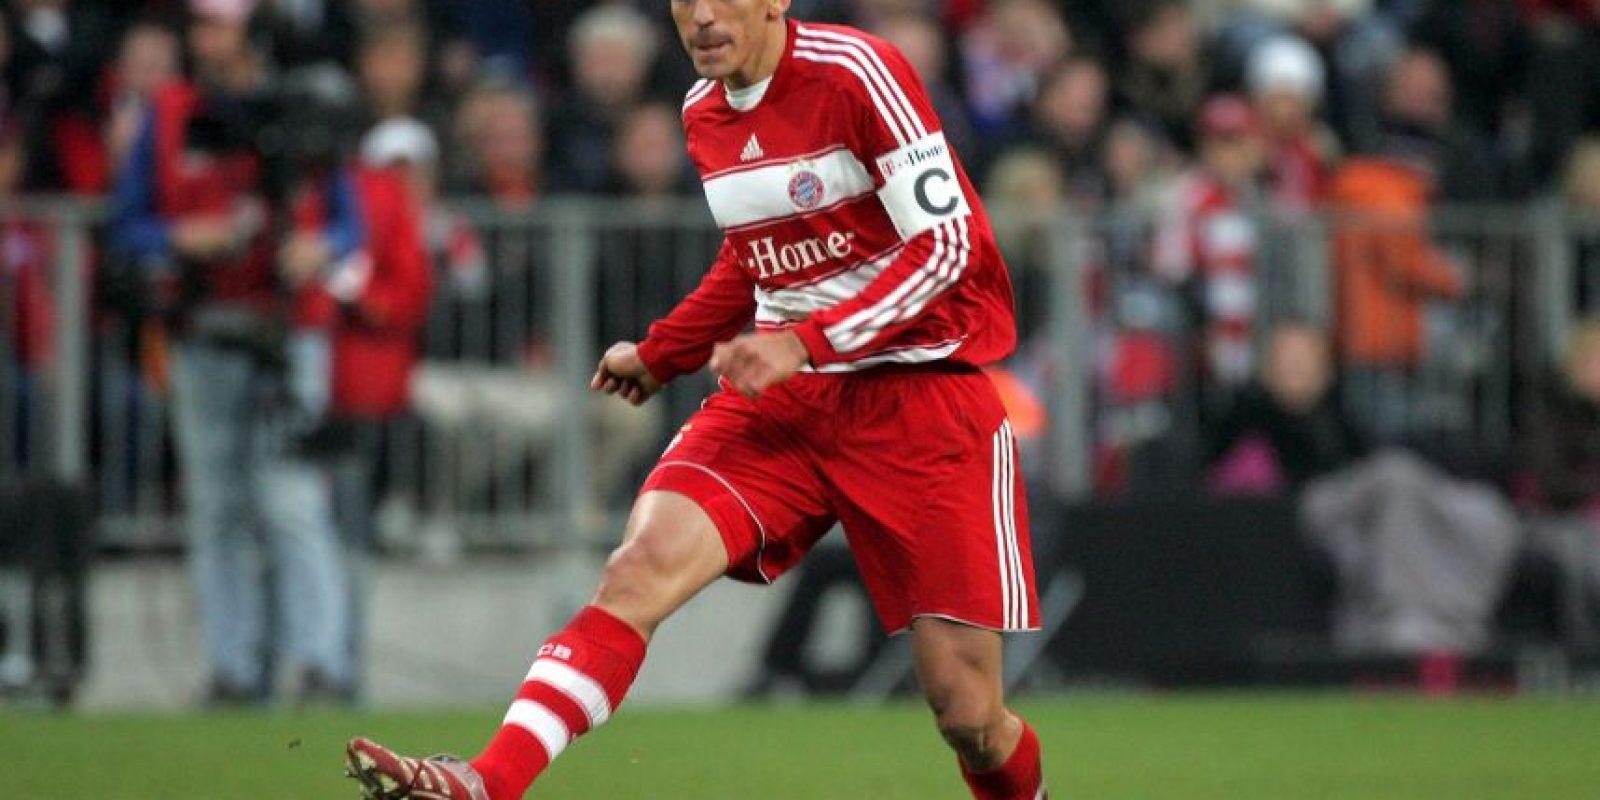 No se llevaron bien en su encuentro en Bayern Múnich y el defensa brasileño optó por dejar a los bávaros Foto:Getty Images